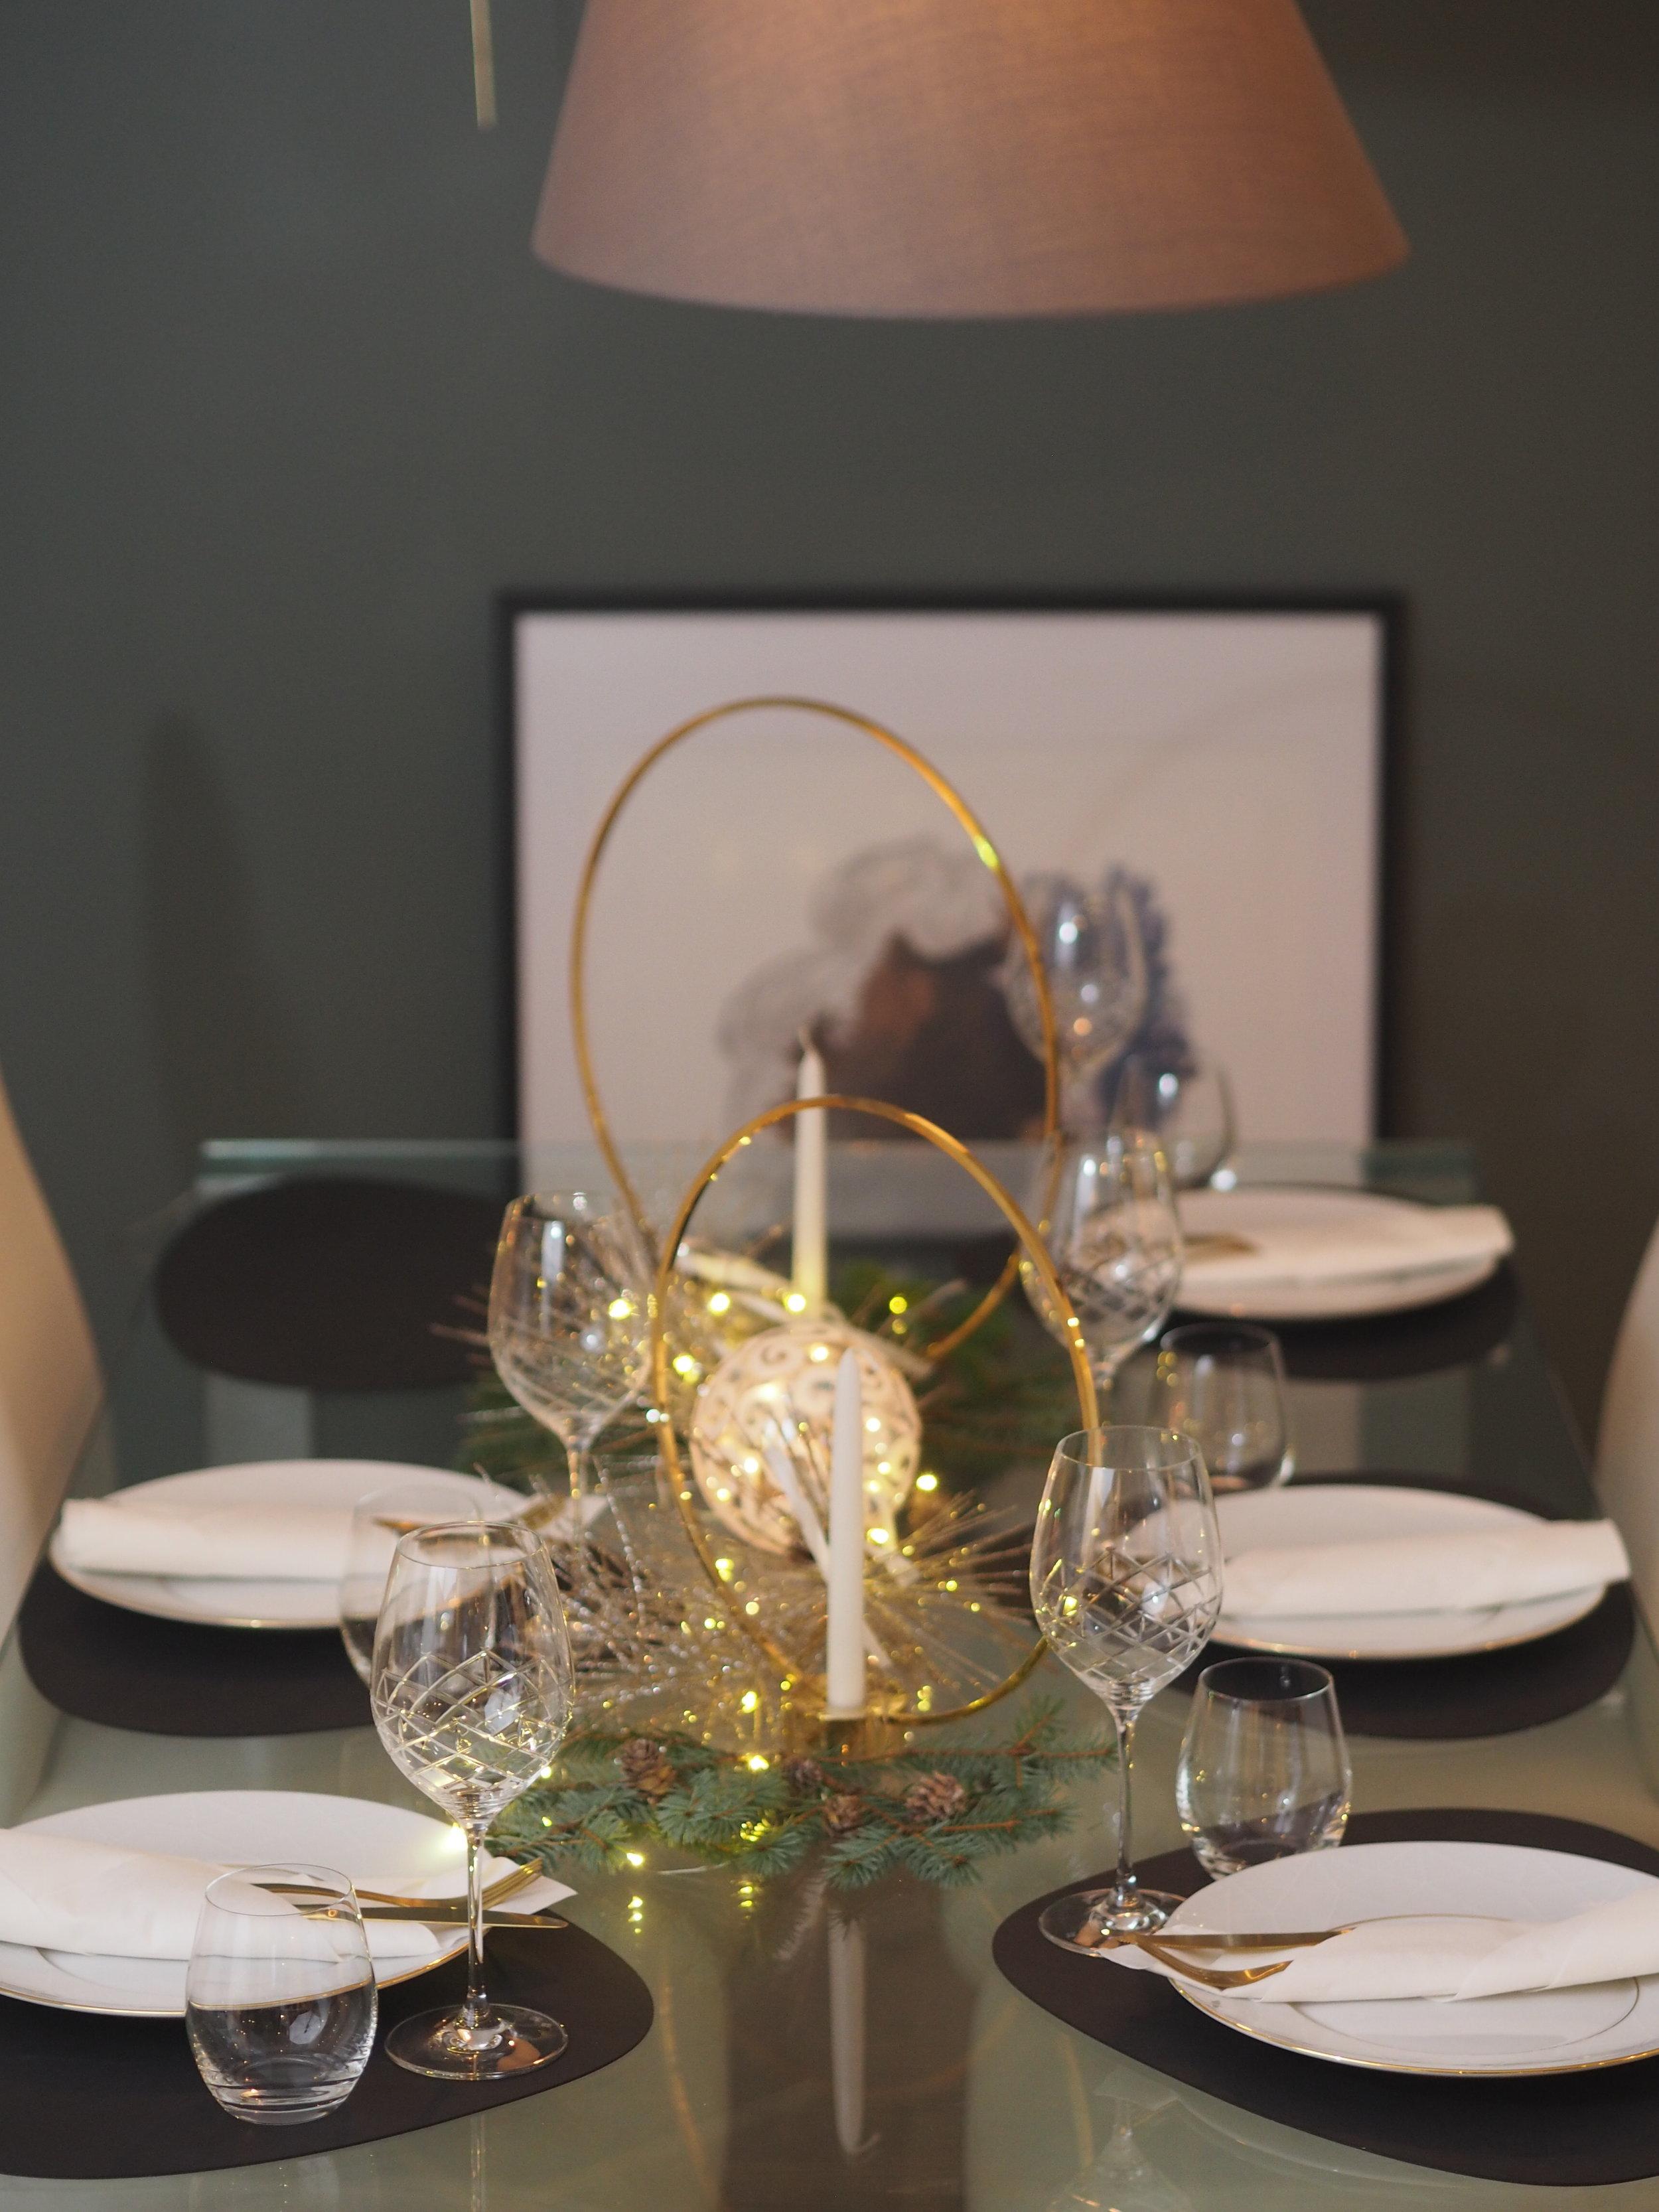 tablesetting. Diamond servise fra Firkløveren, bestikk i matt gull fra HouseDoctor. Bordbrikketter fra DNA Lind og lysestaker fra Klong